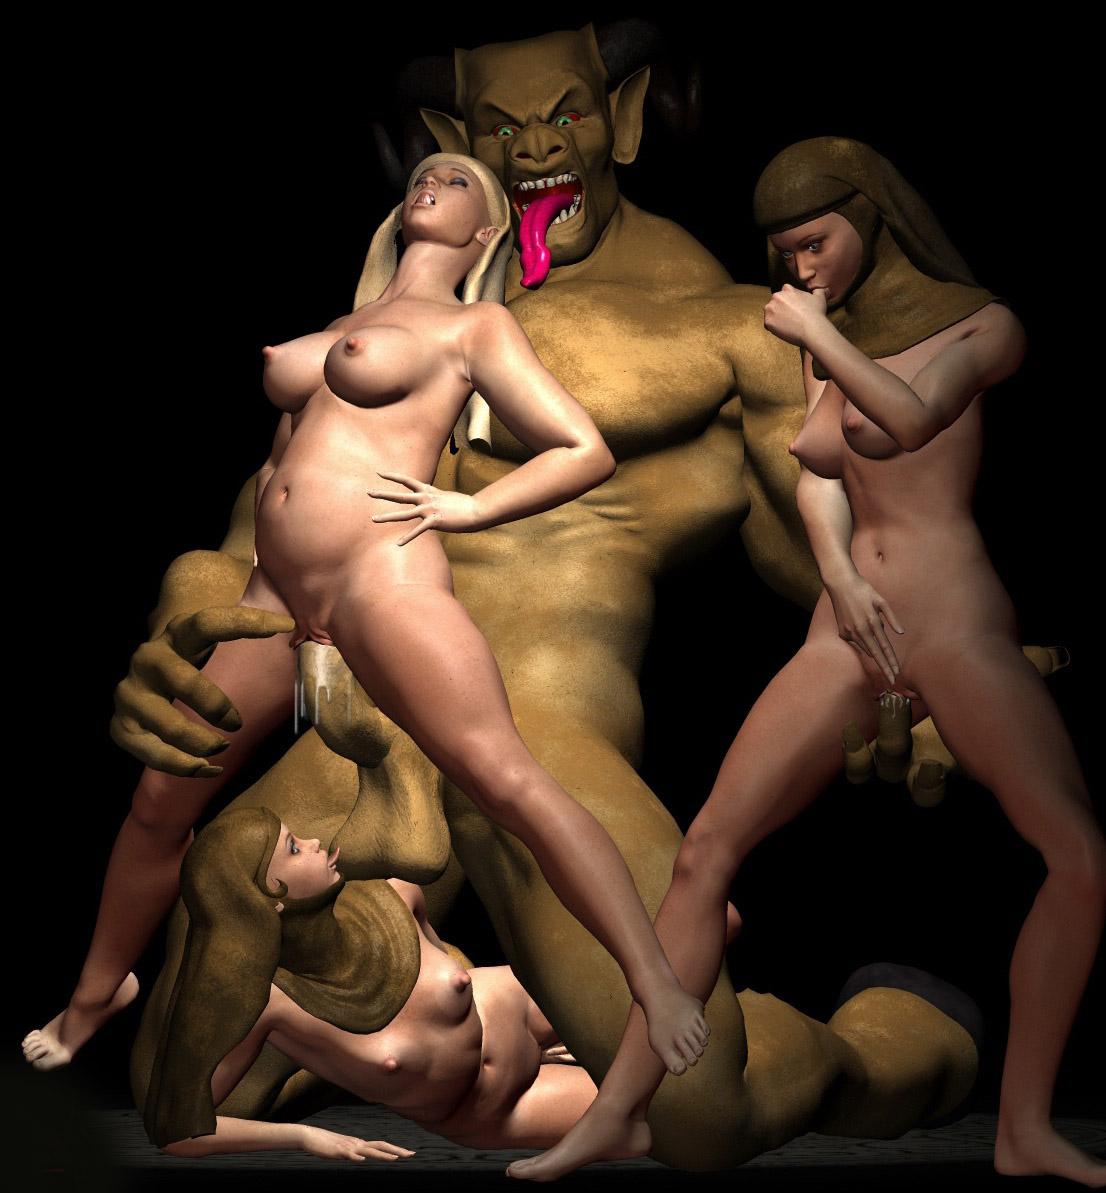 Порно чудовищами и монстрами ужасы